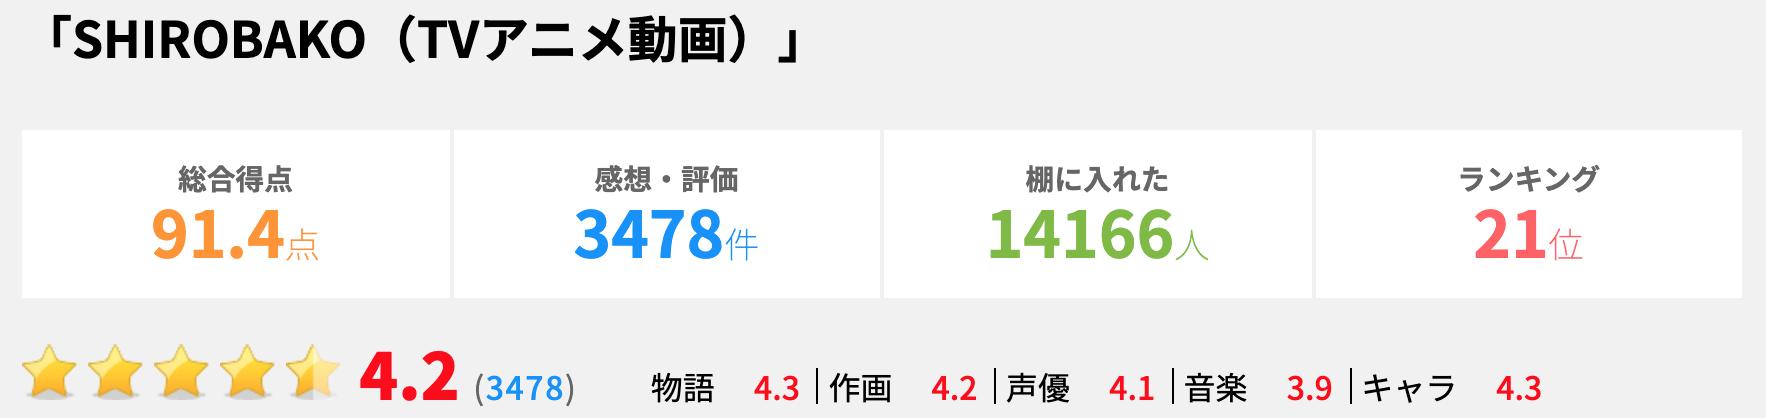 評価 shirobako 【ネタバレ感想】『劇場版 SHIROBAKO(再上映)』評価